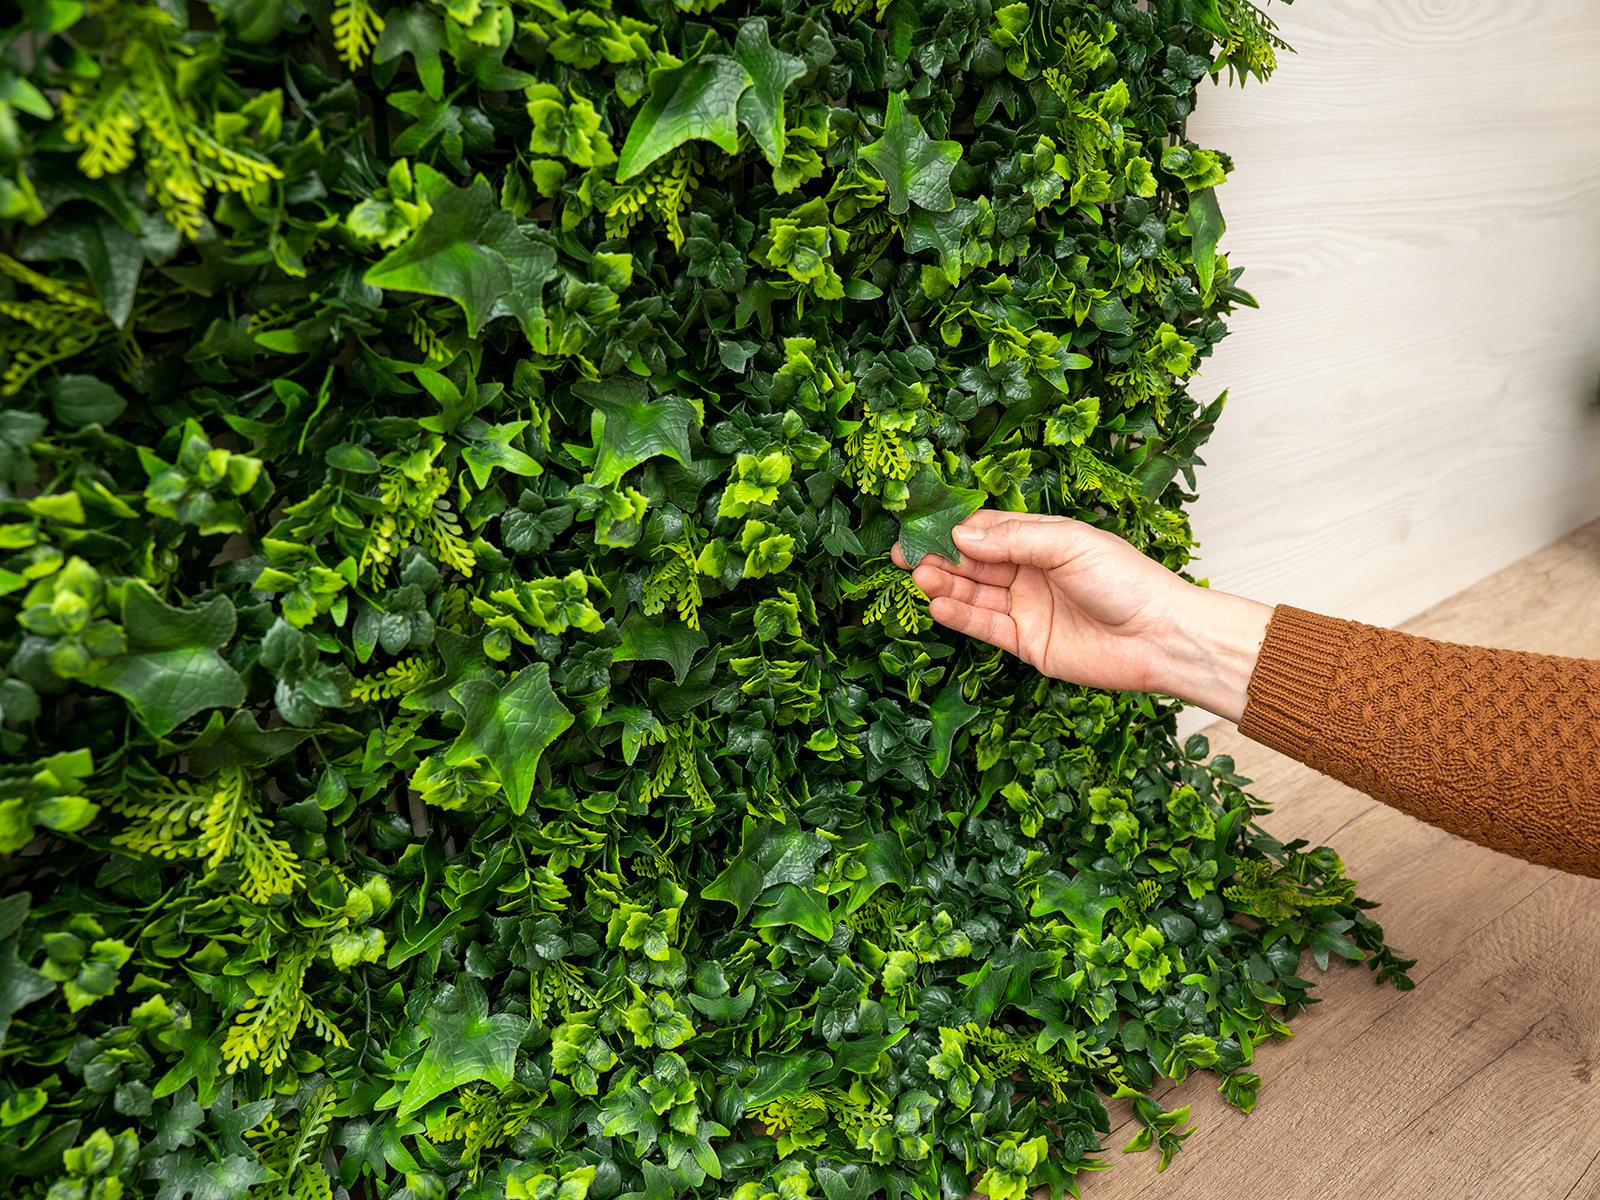 Az erdei növények hangulatával teszi szebbé otthonunkat a Vertical Forest.